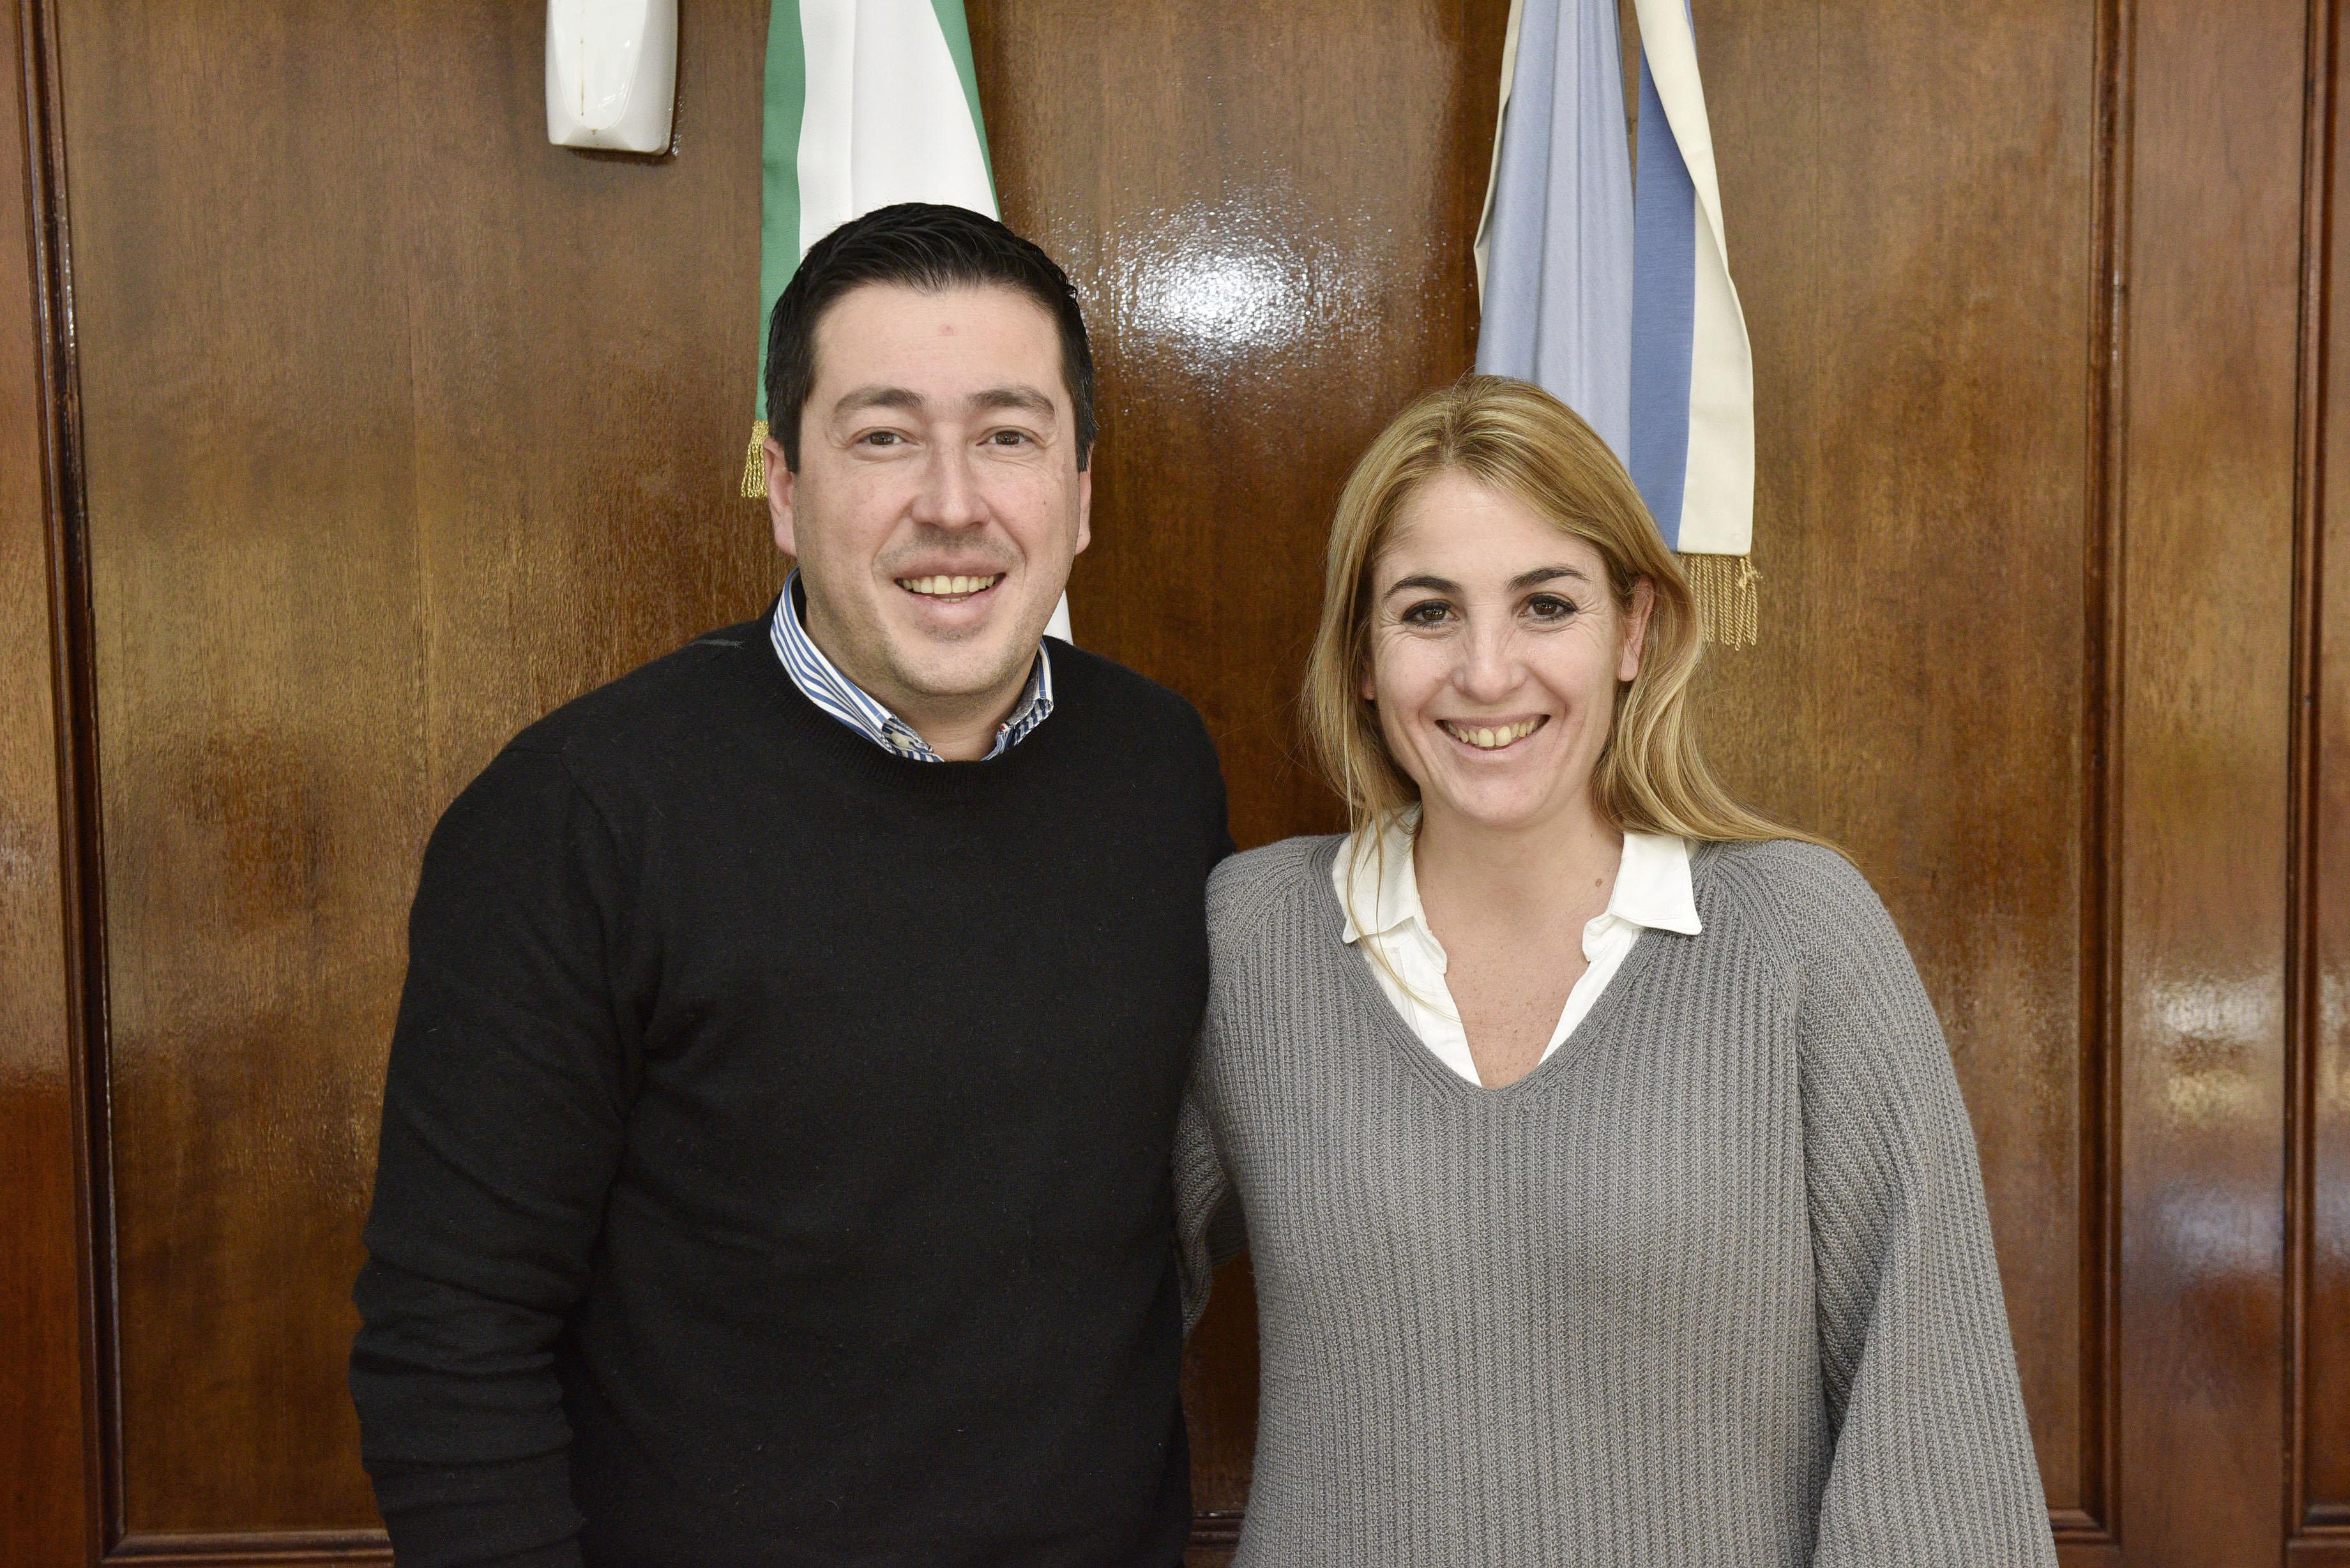 La candidata a intendenta por el Frente de Todos, María Eugenia Ball Lima, visitó junto al jefe comunal de Malvinas Argentinas, Leonardo Nardini, el Centro Operativo Municipal de ese distrito, ubicado en la localidad de Pablo Nogués.